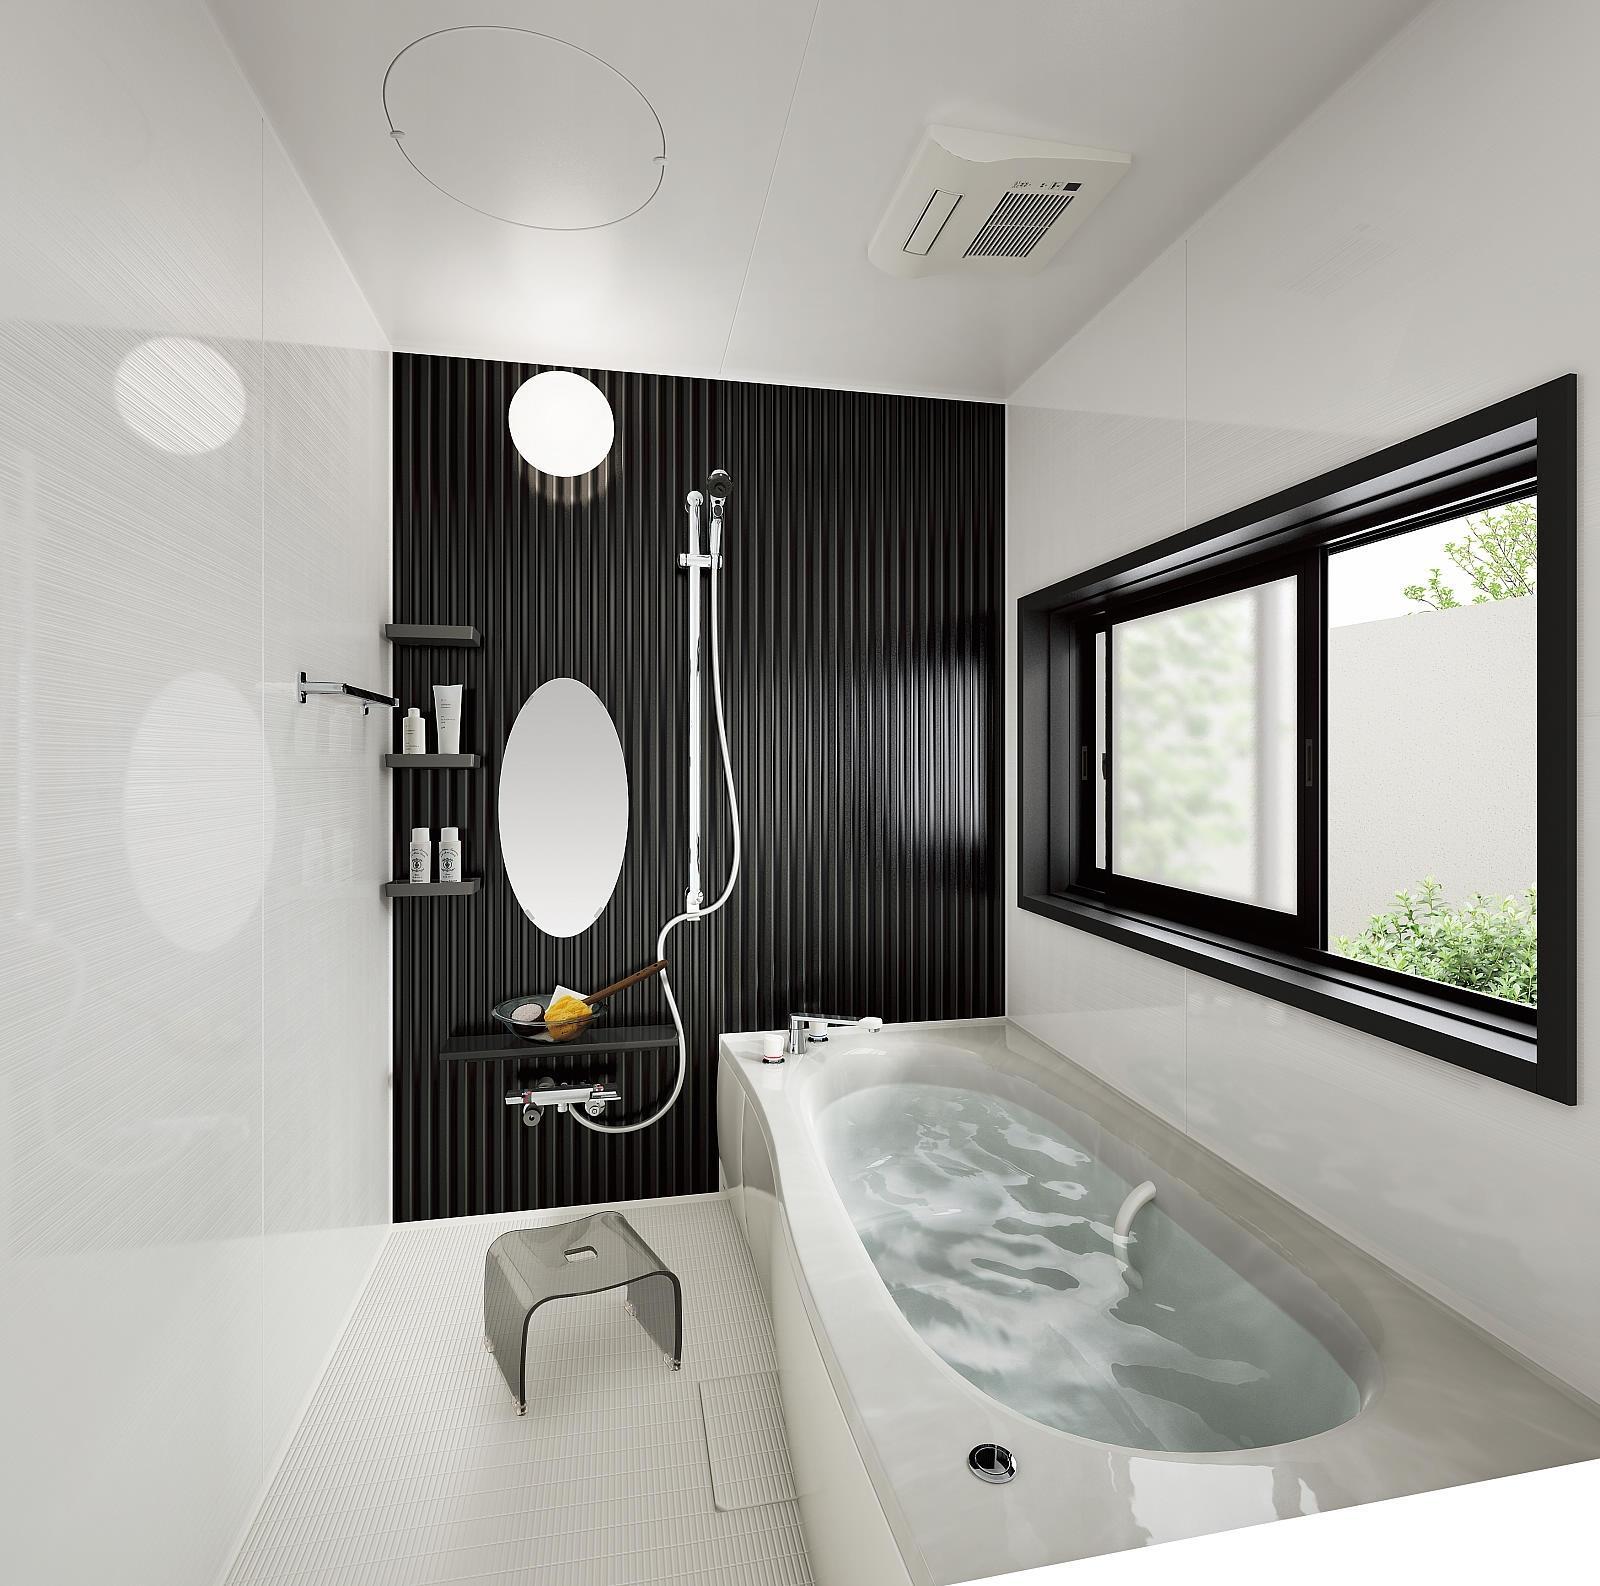 アーバンスタイルの部屋 リラックスできるバスルーム